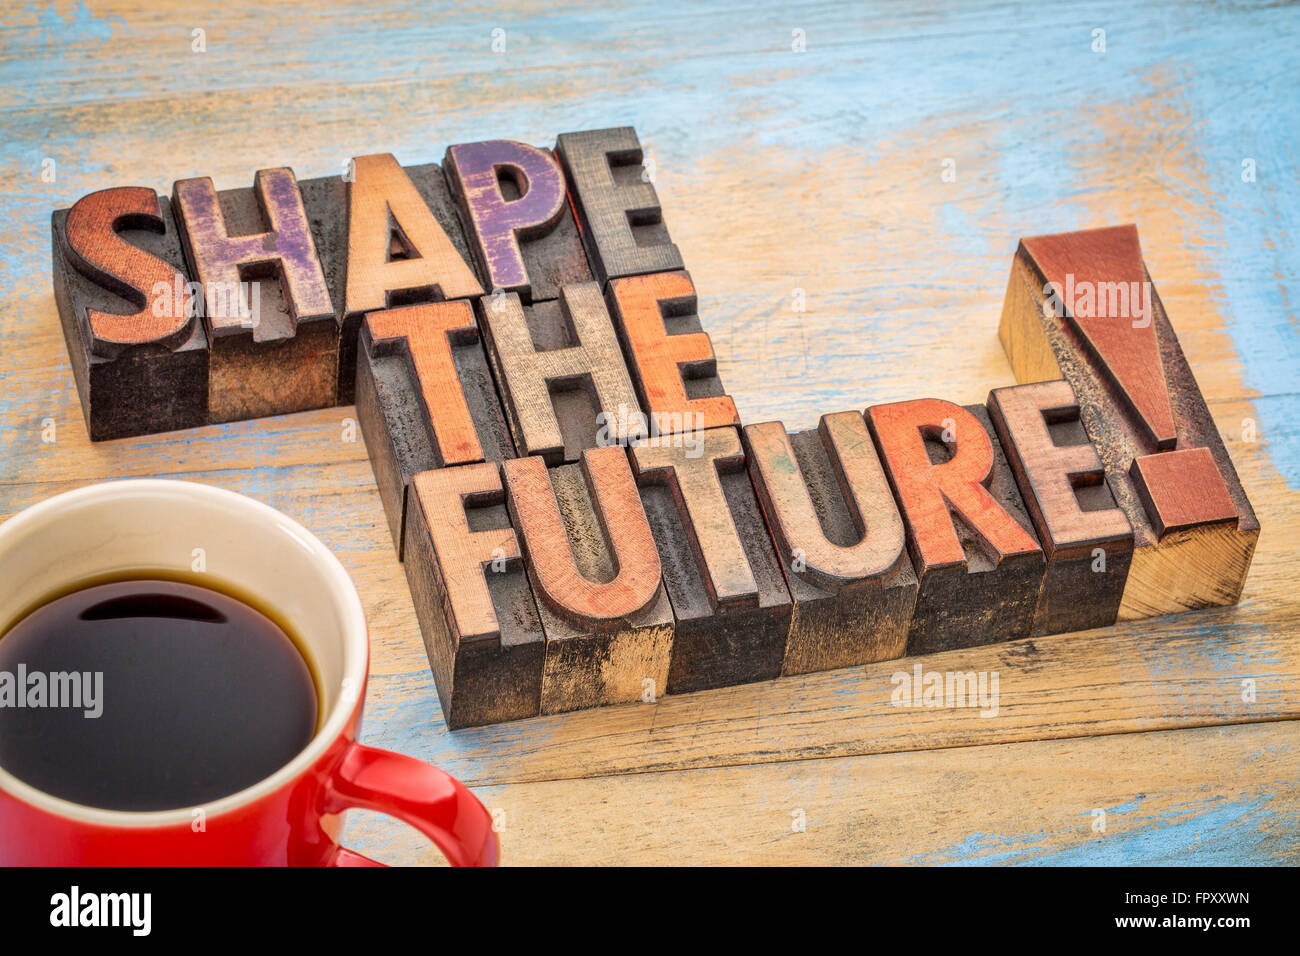 Conformar el futuro - frase motivadora en vintage tipografía tipo bloques de madera manchada por las tintas Imagen De Stock